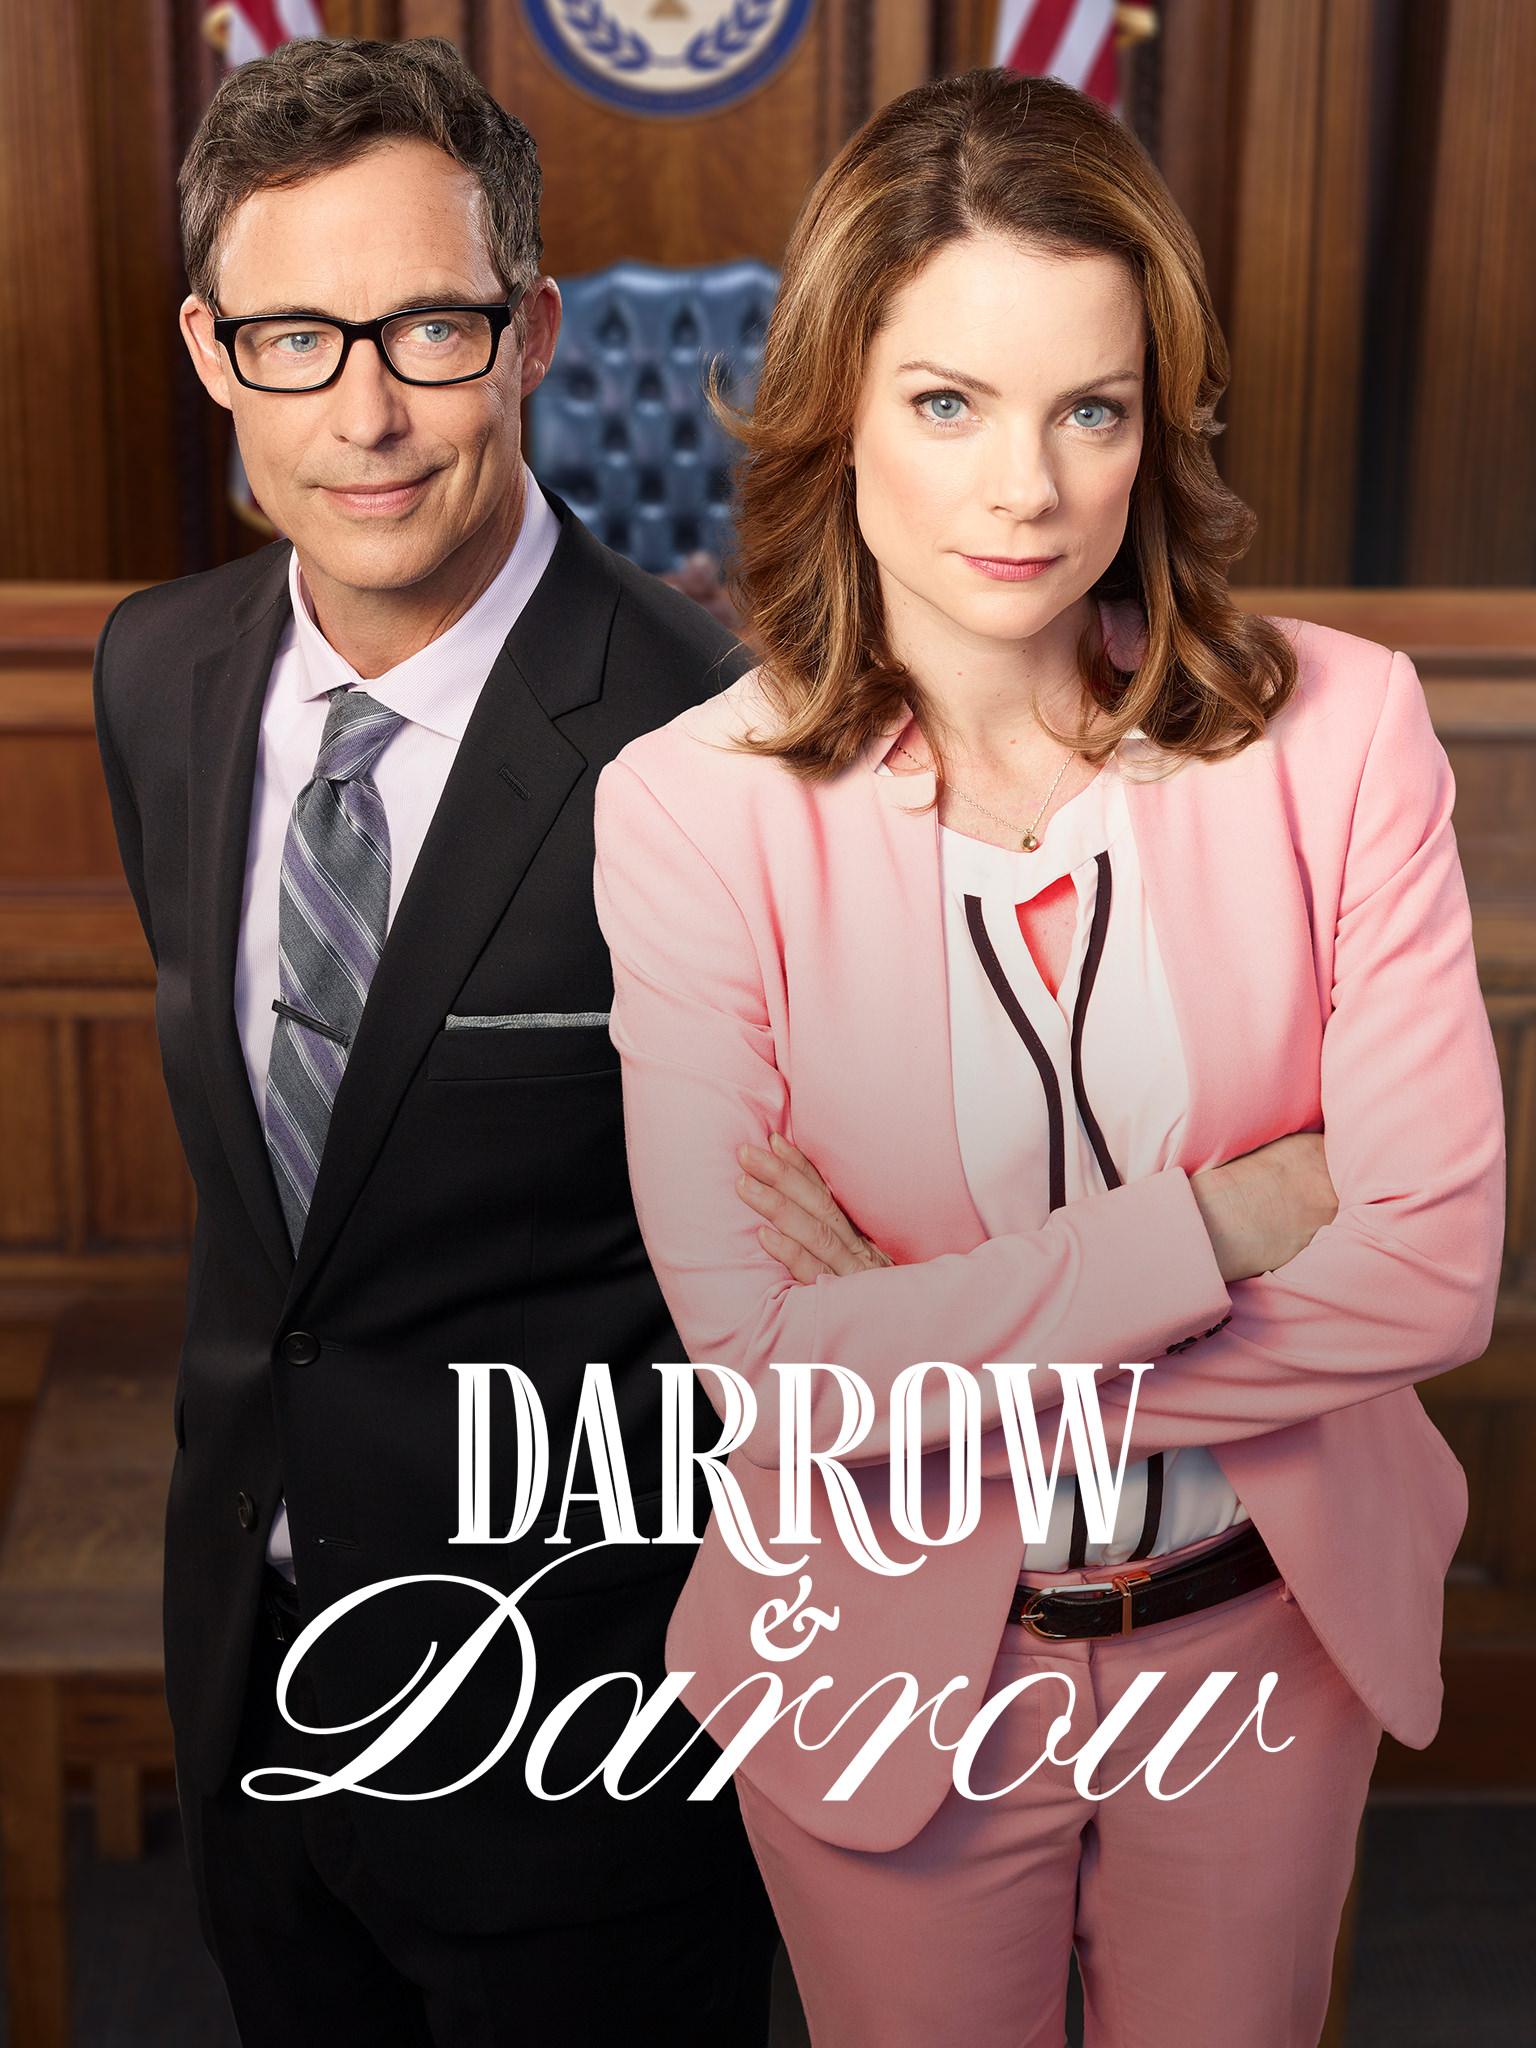 Darrow y Darrow: Despacho de abogados